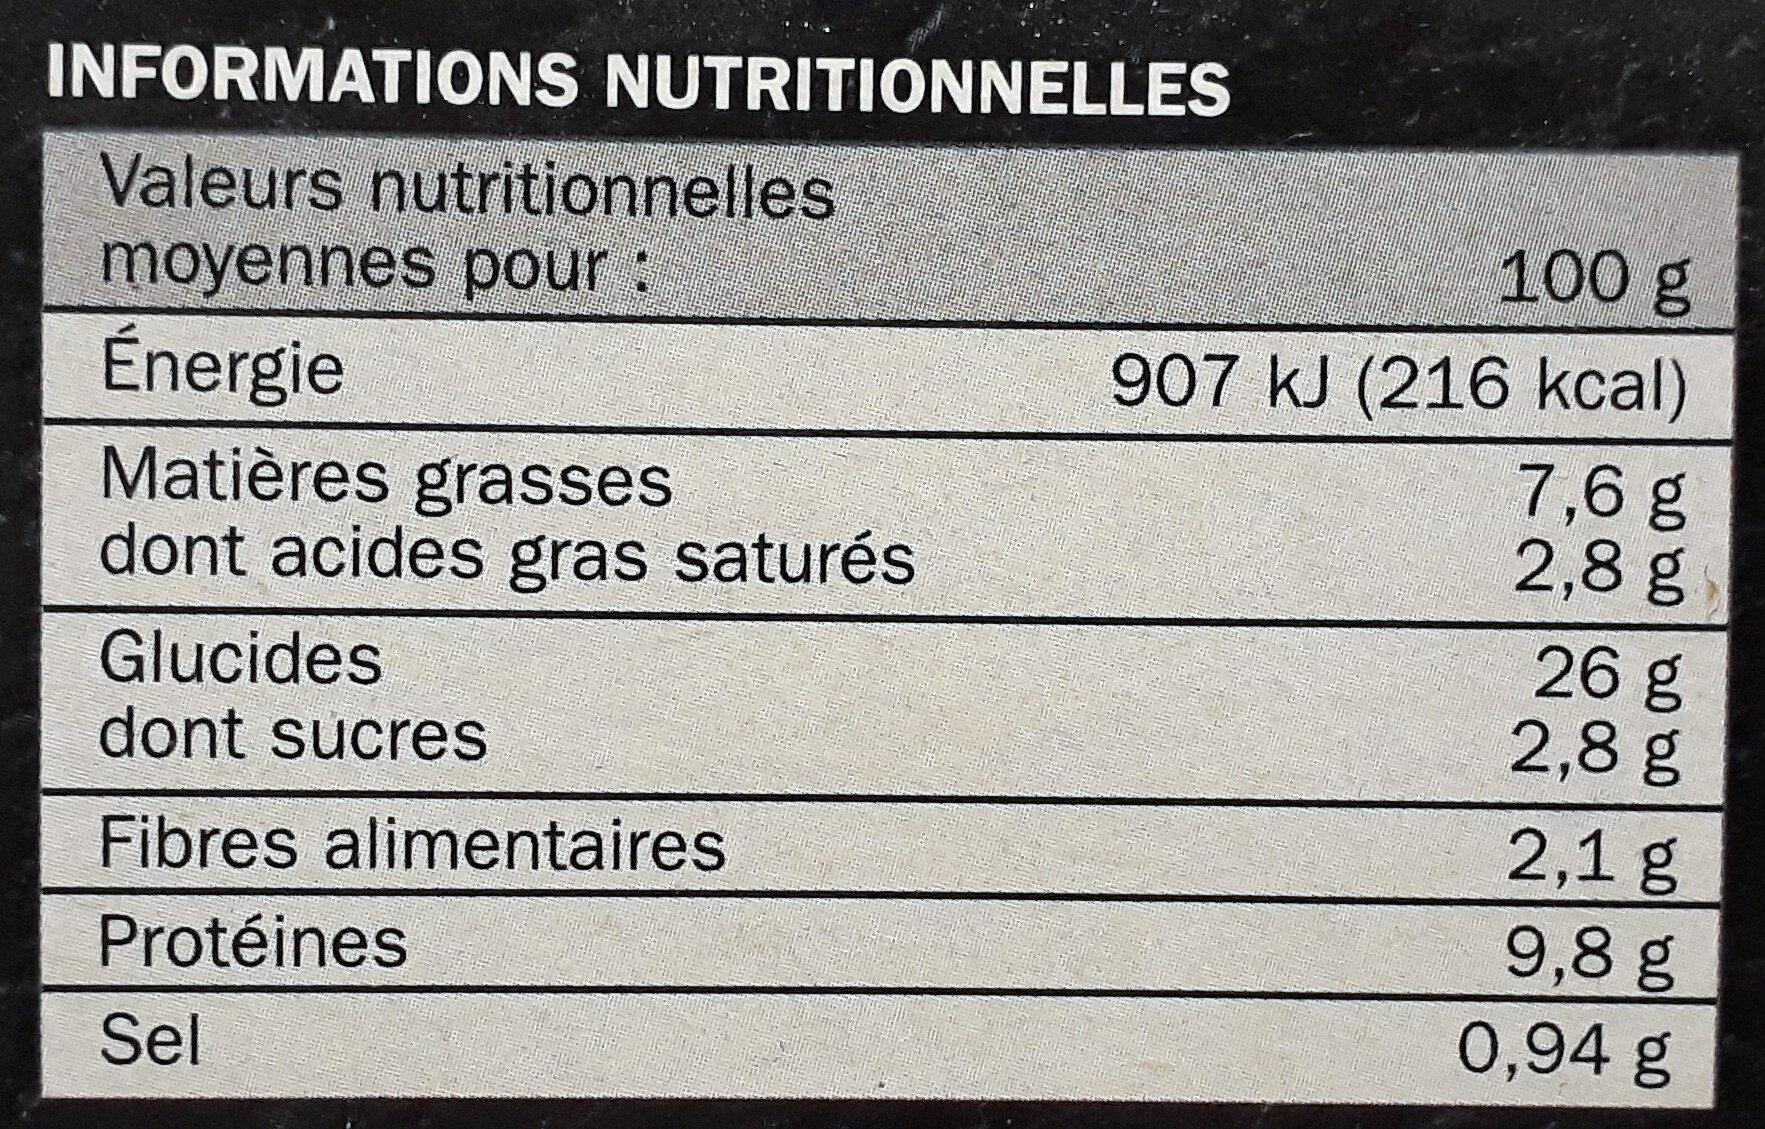 La familiale - Royale - Informations nutritionnelles